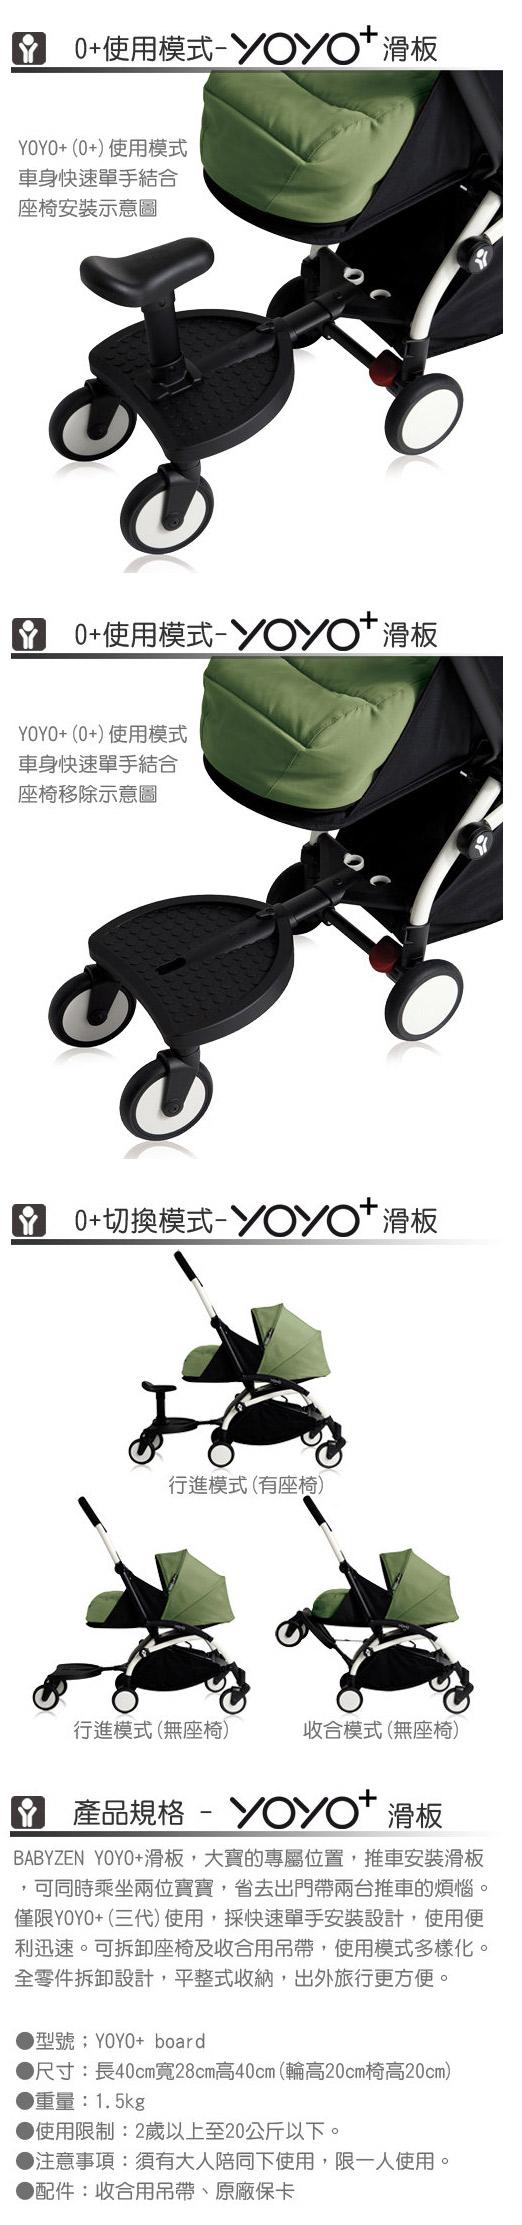 babyzen-yoyo-6plus-board-info12